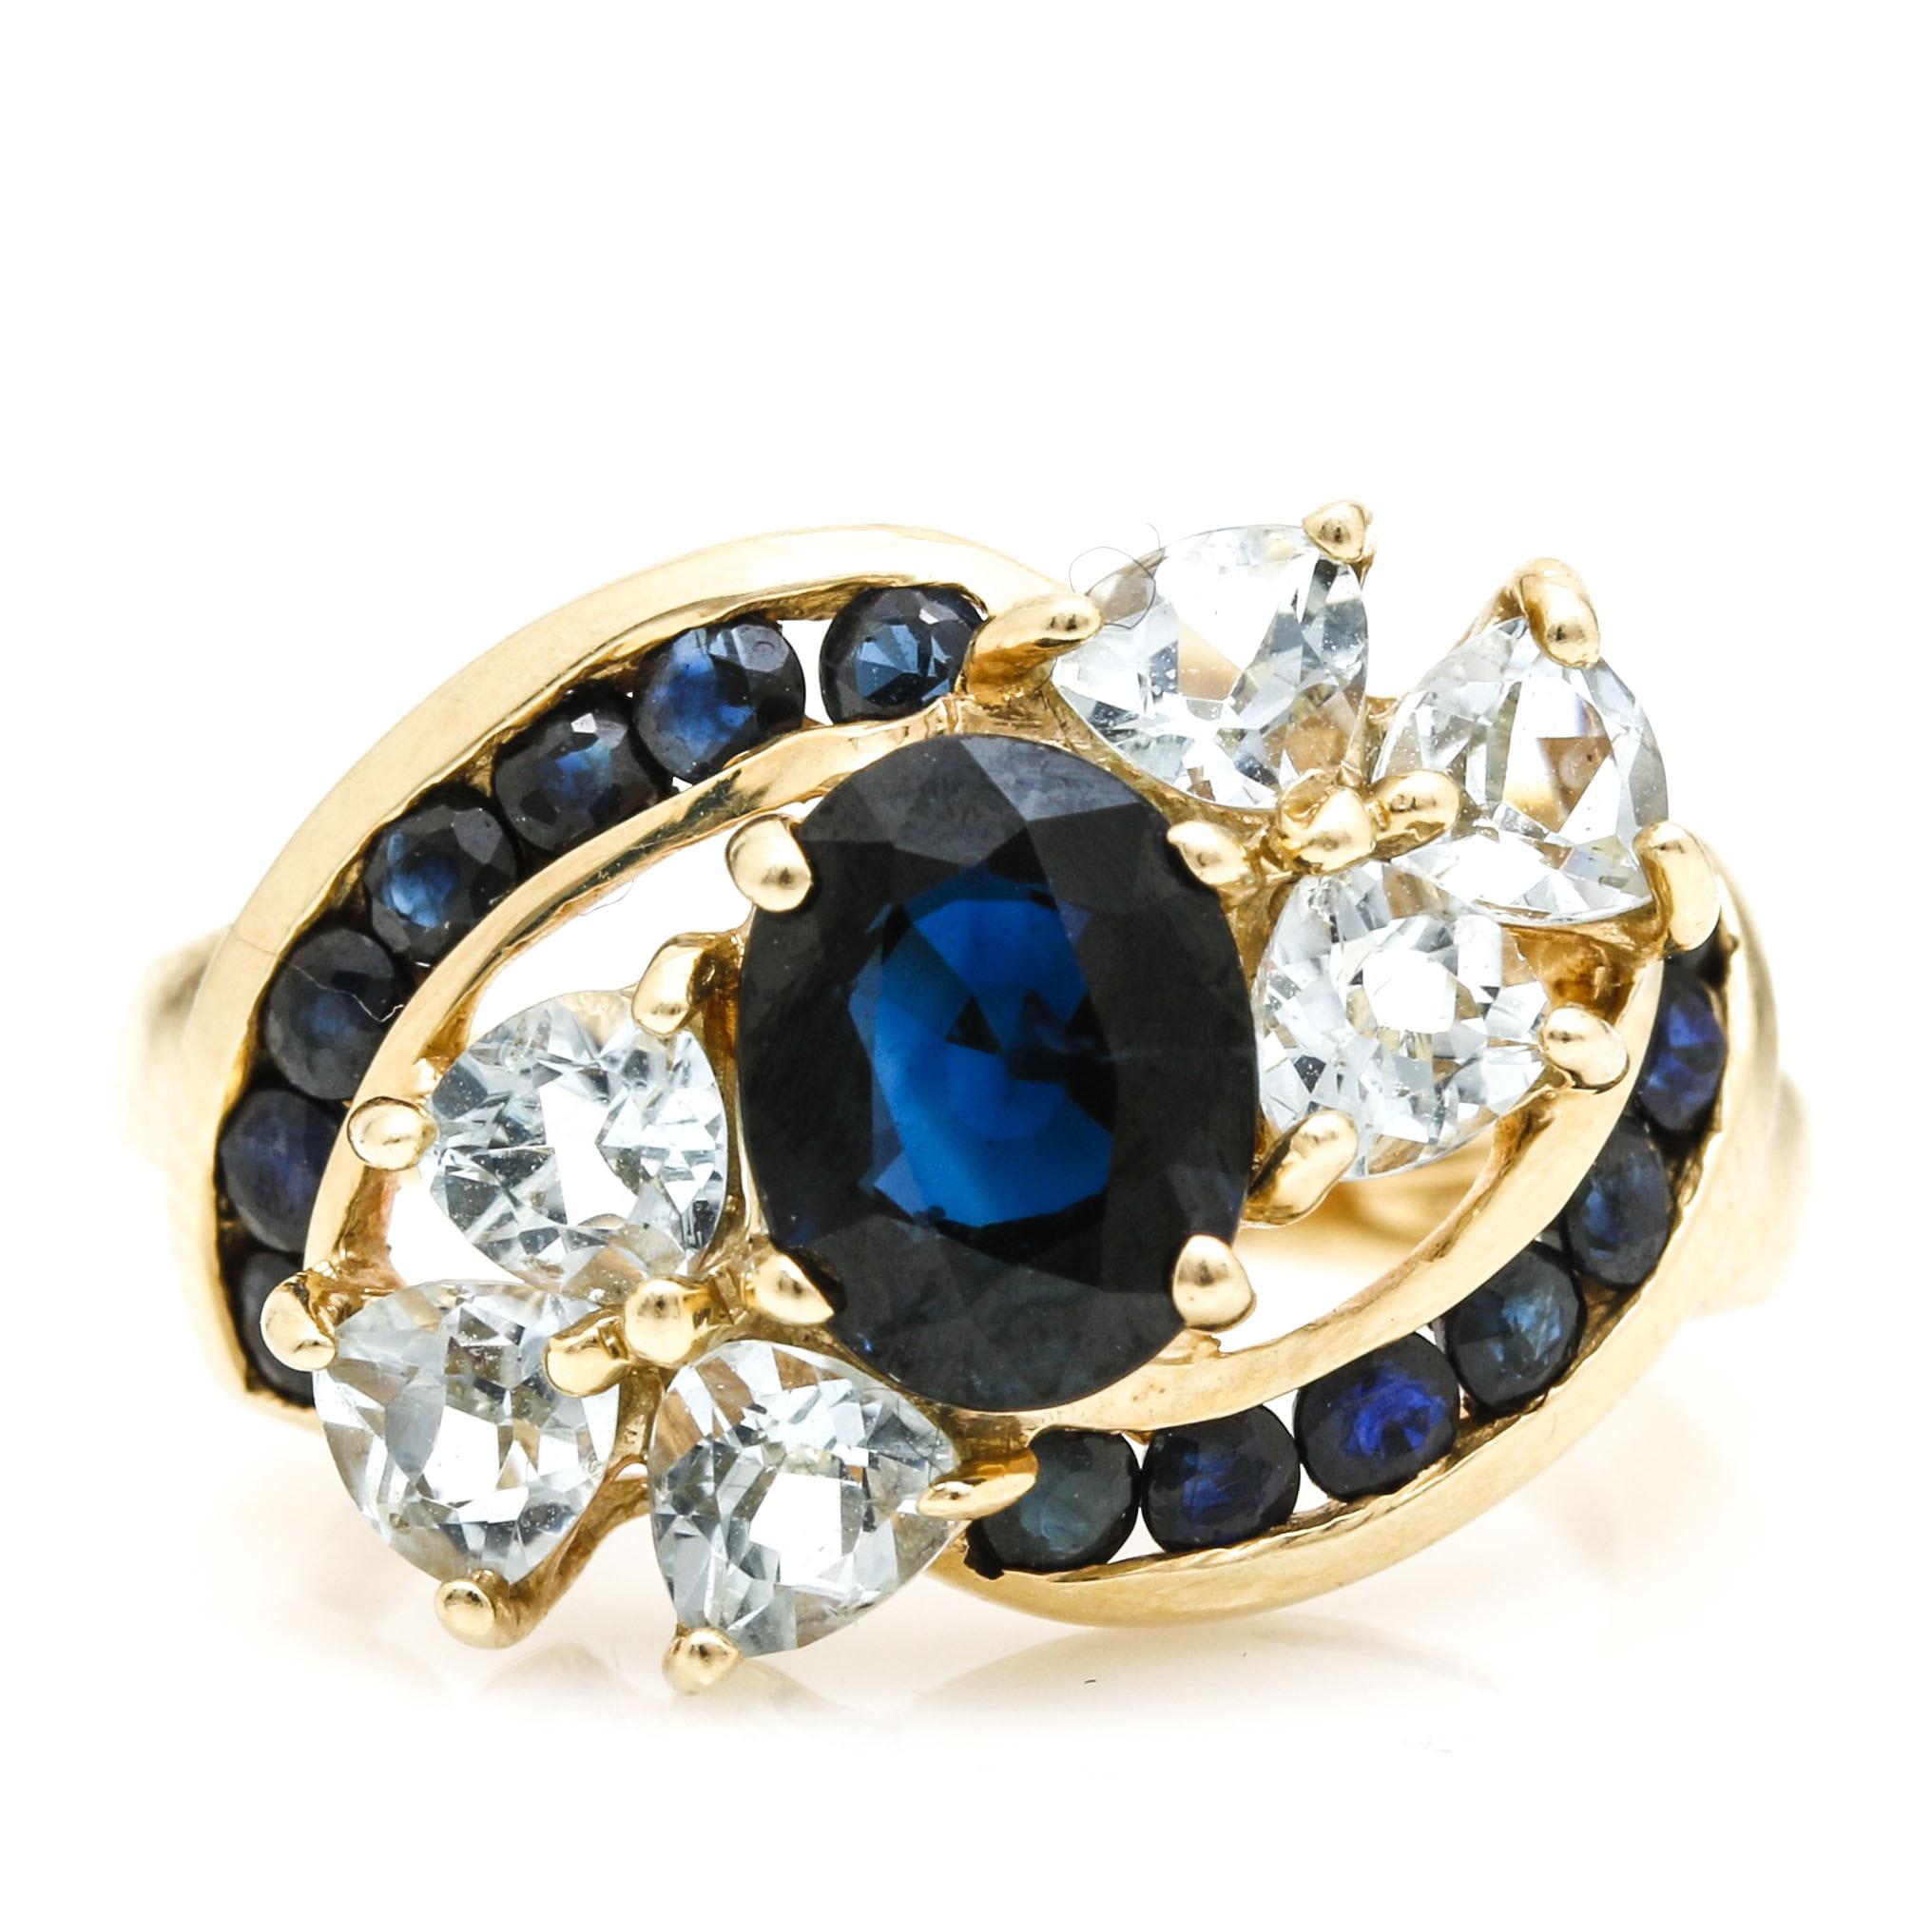 14K Yellow Gold Sapphire and Aquamarine Ring